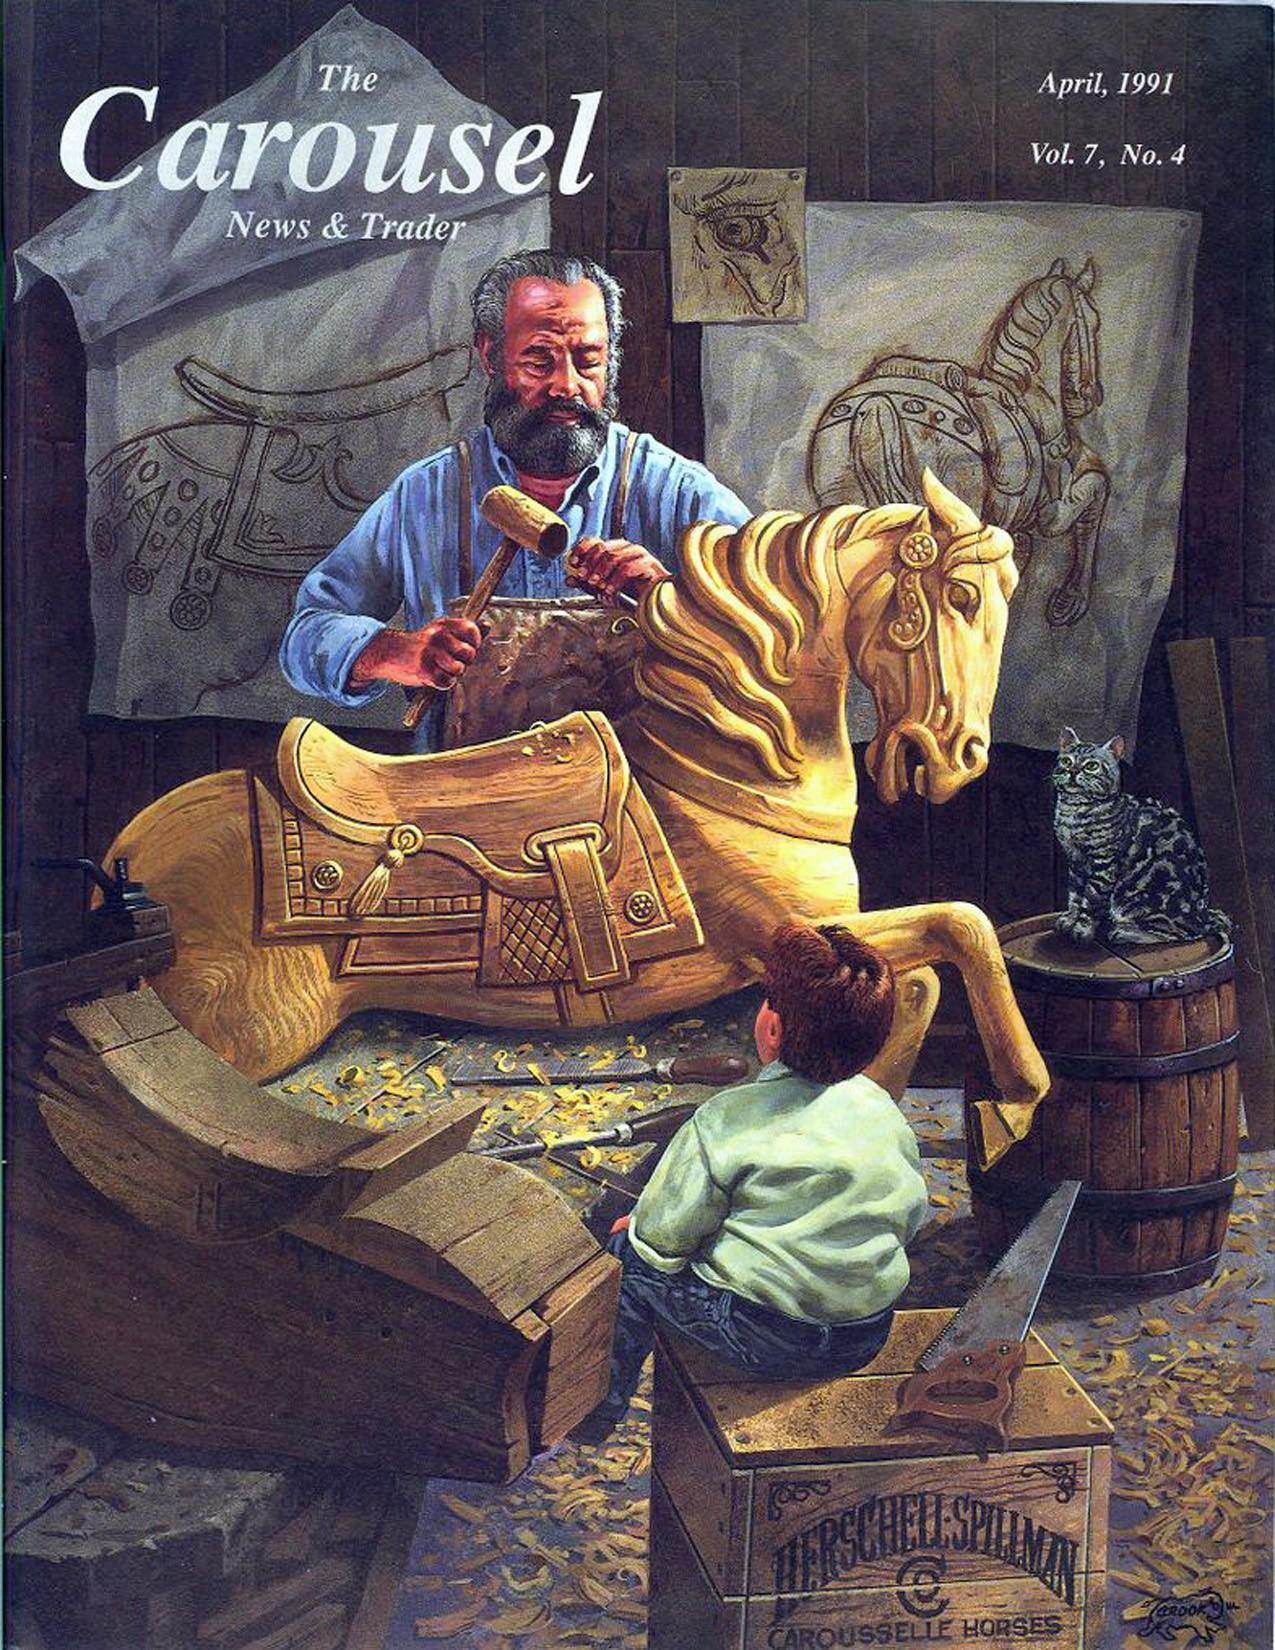 cnt_04_1991-Herschell-Spillman-carousel-horse-carver